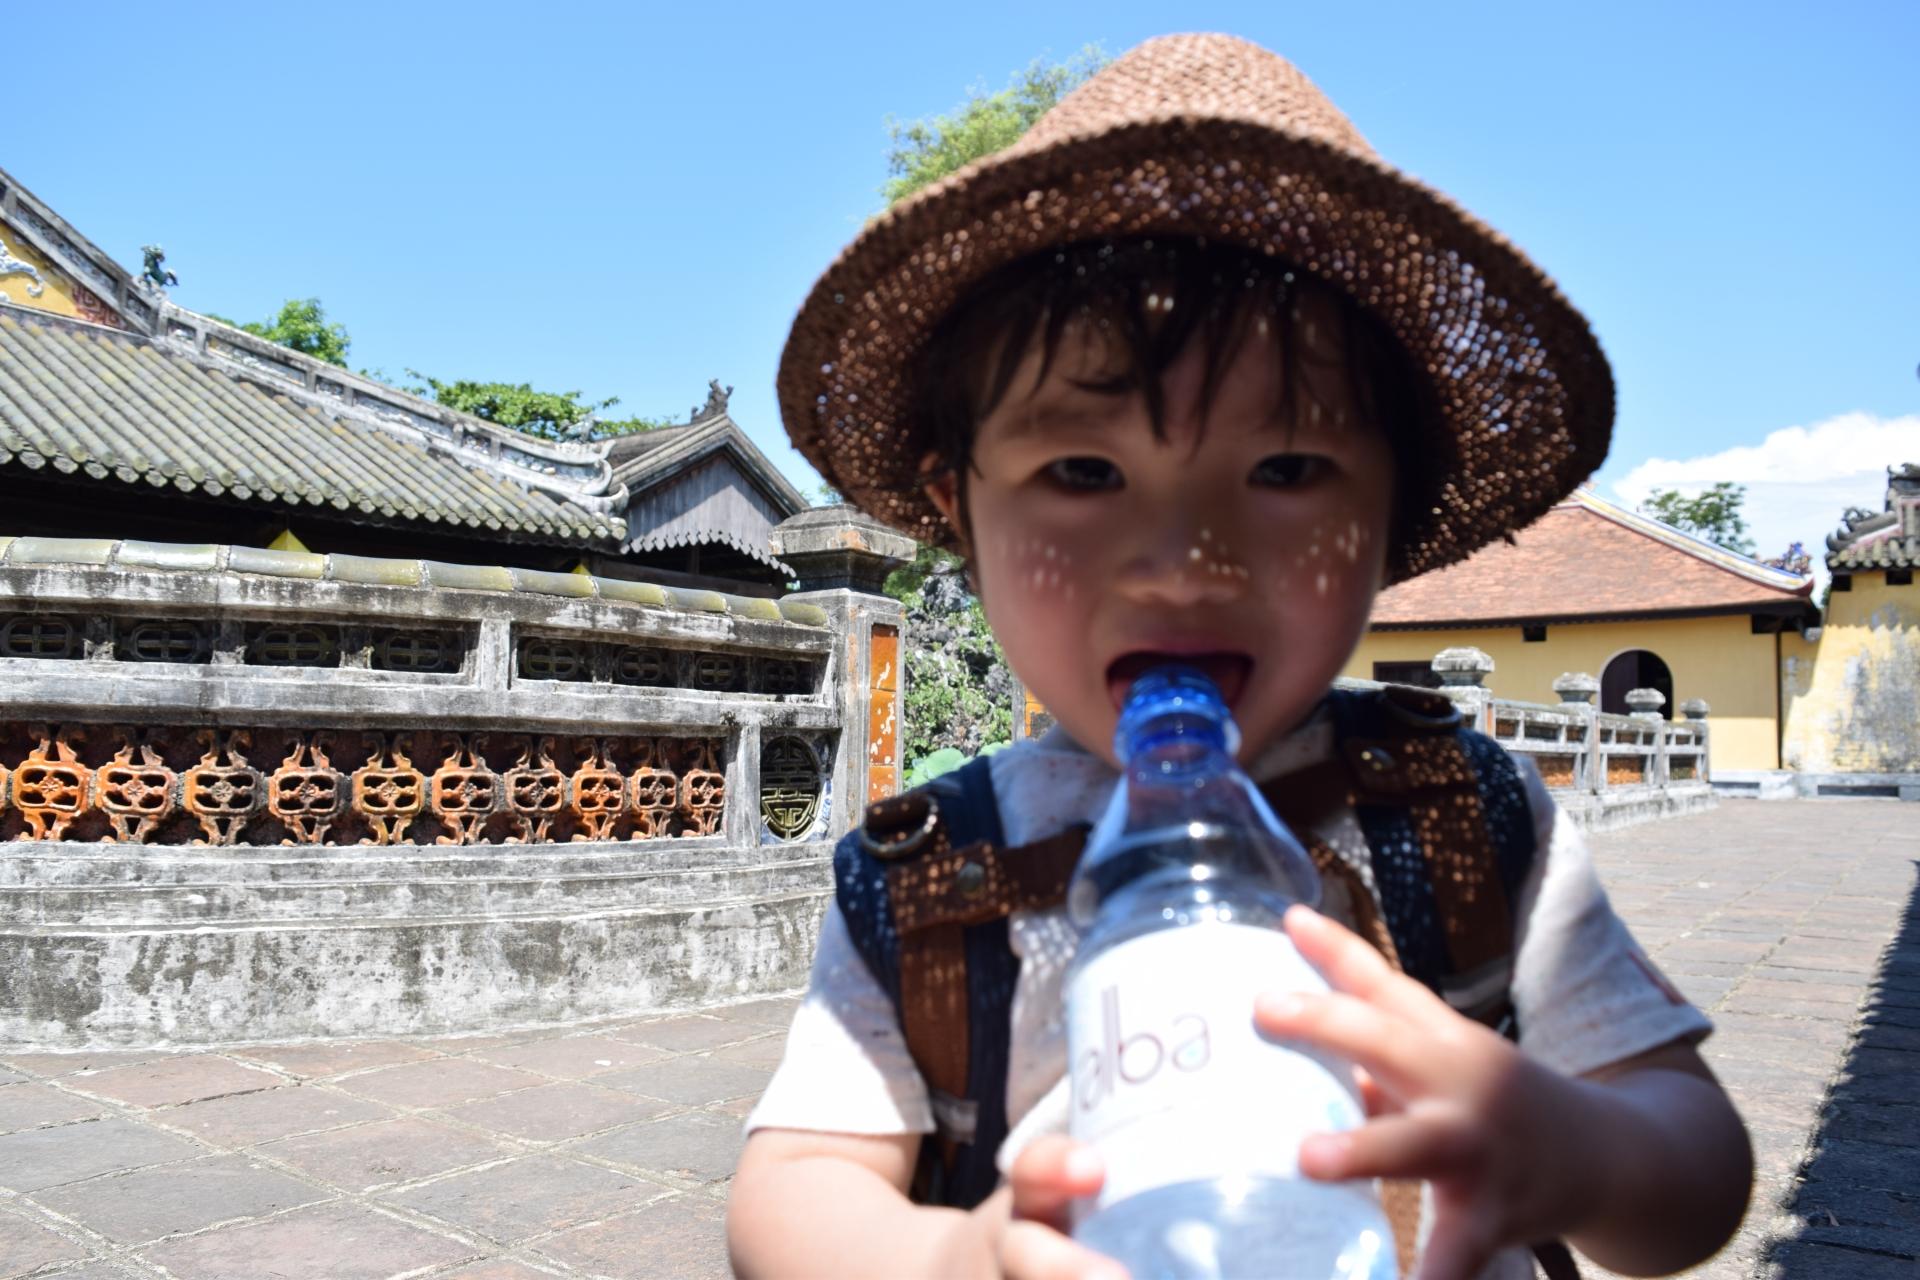 子供が汗をかかない…汗っかきは2歳半までの子供時代で決まる!?